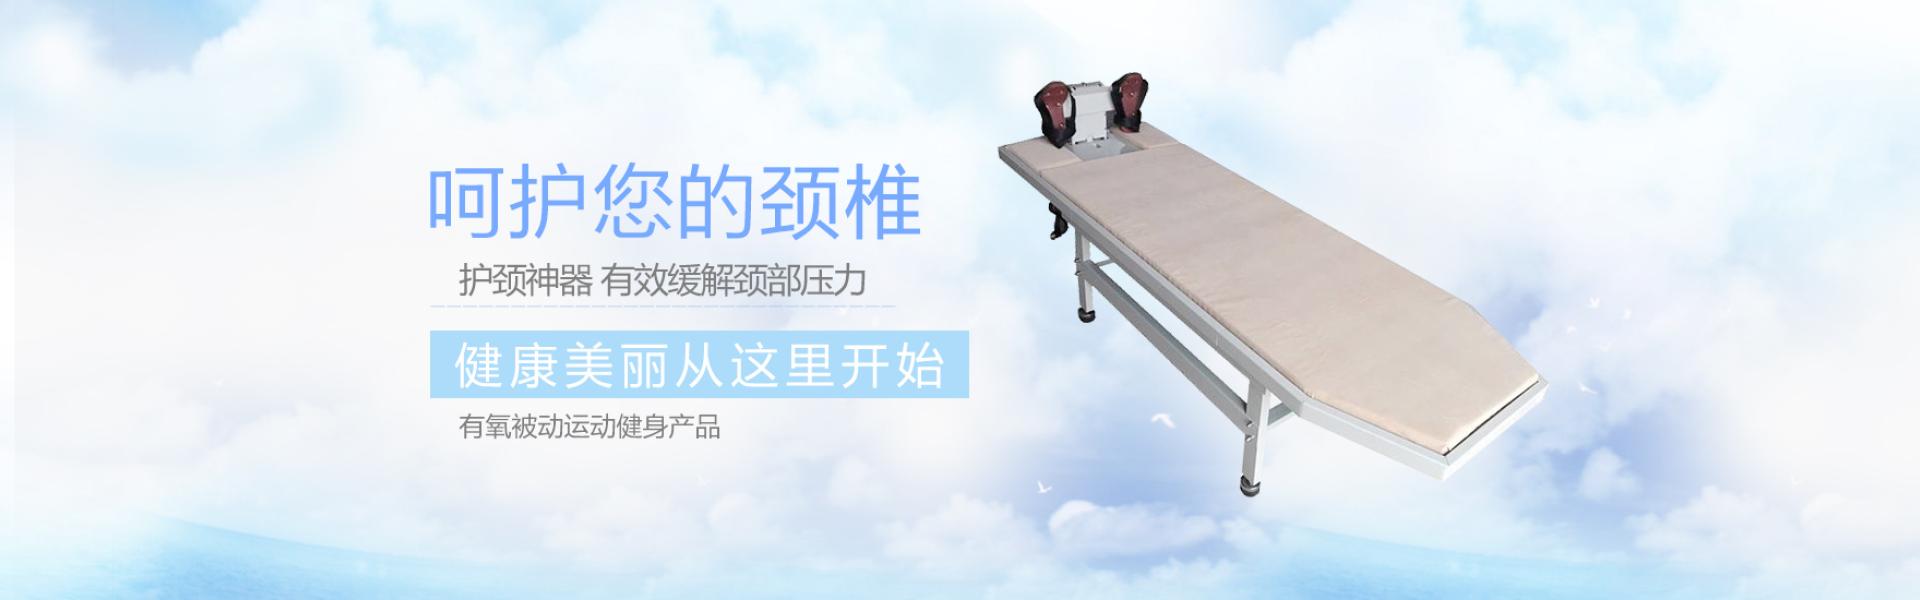 万博官方梳理床 颤床 颤足抖脊床 万博官方梳理床价格 万博官方梳理床厂家